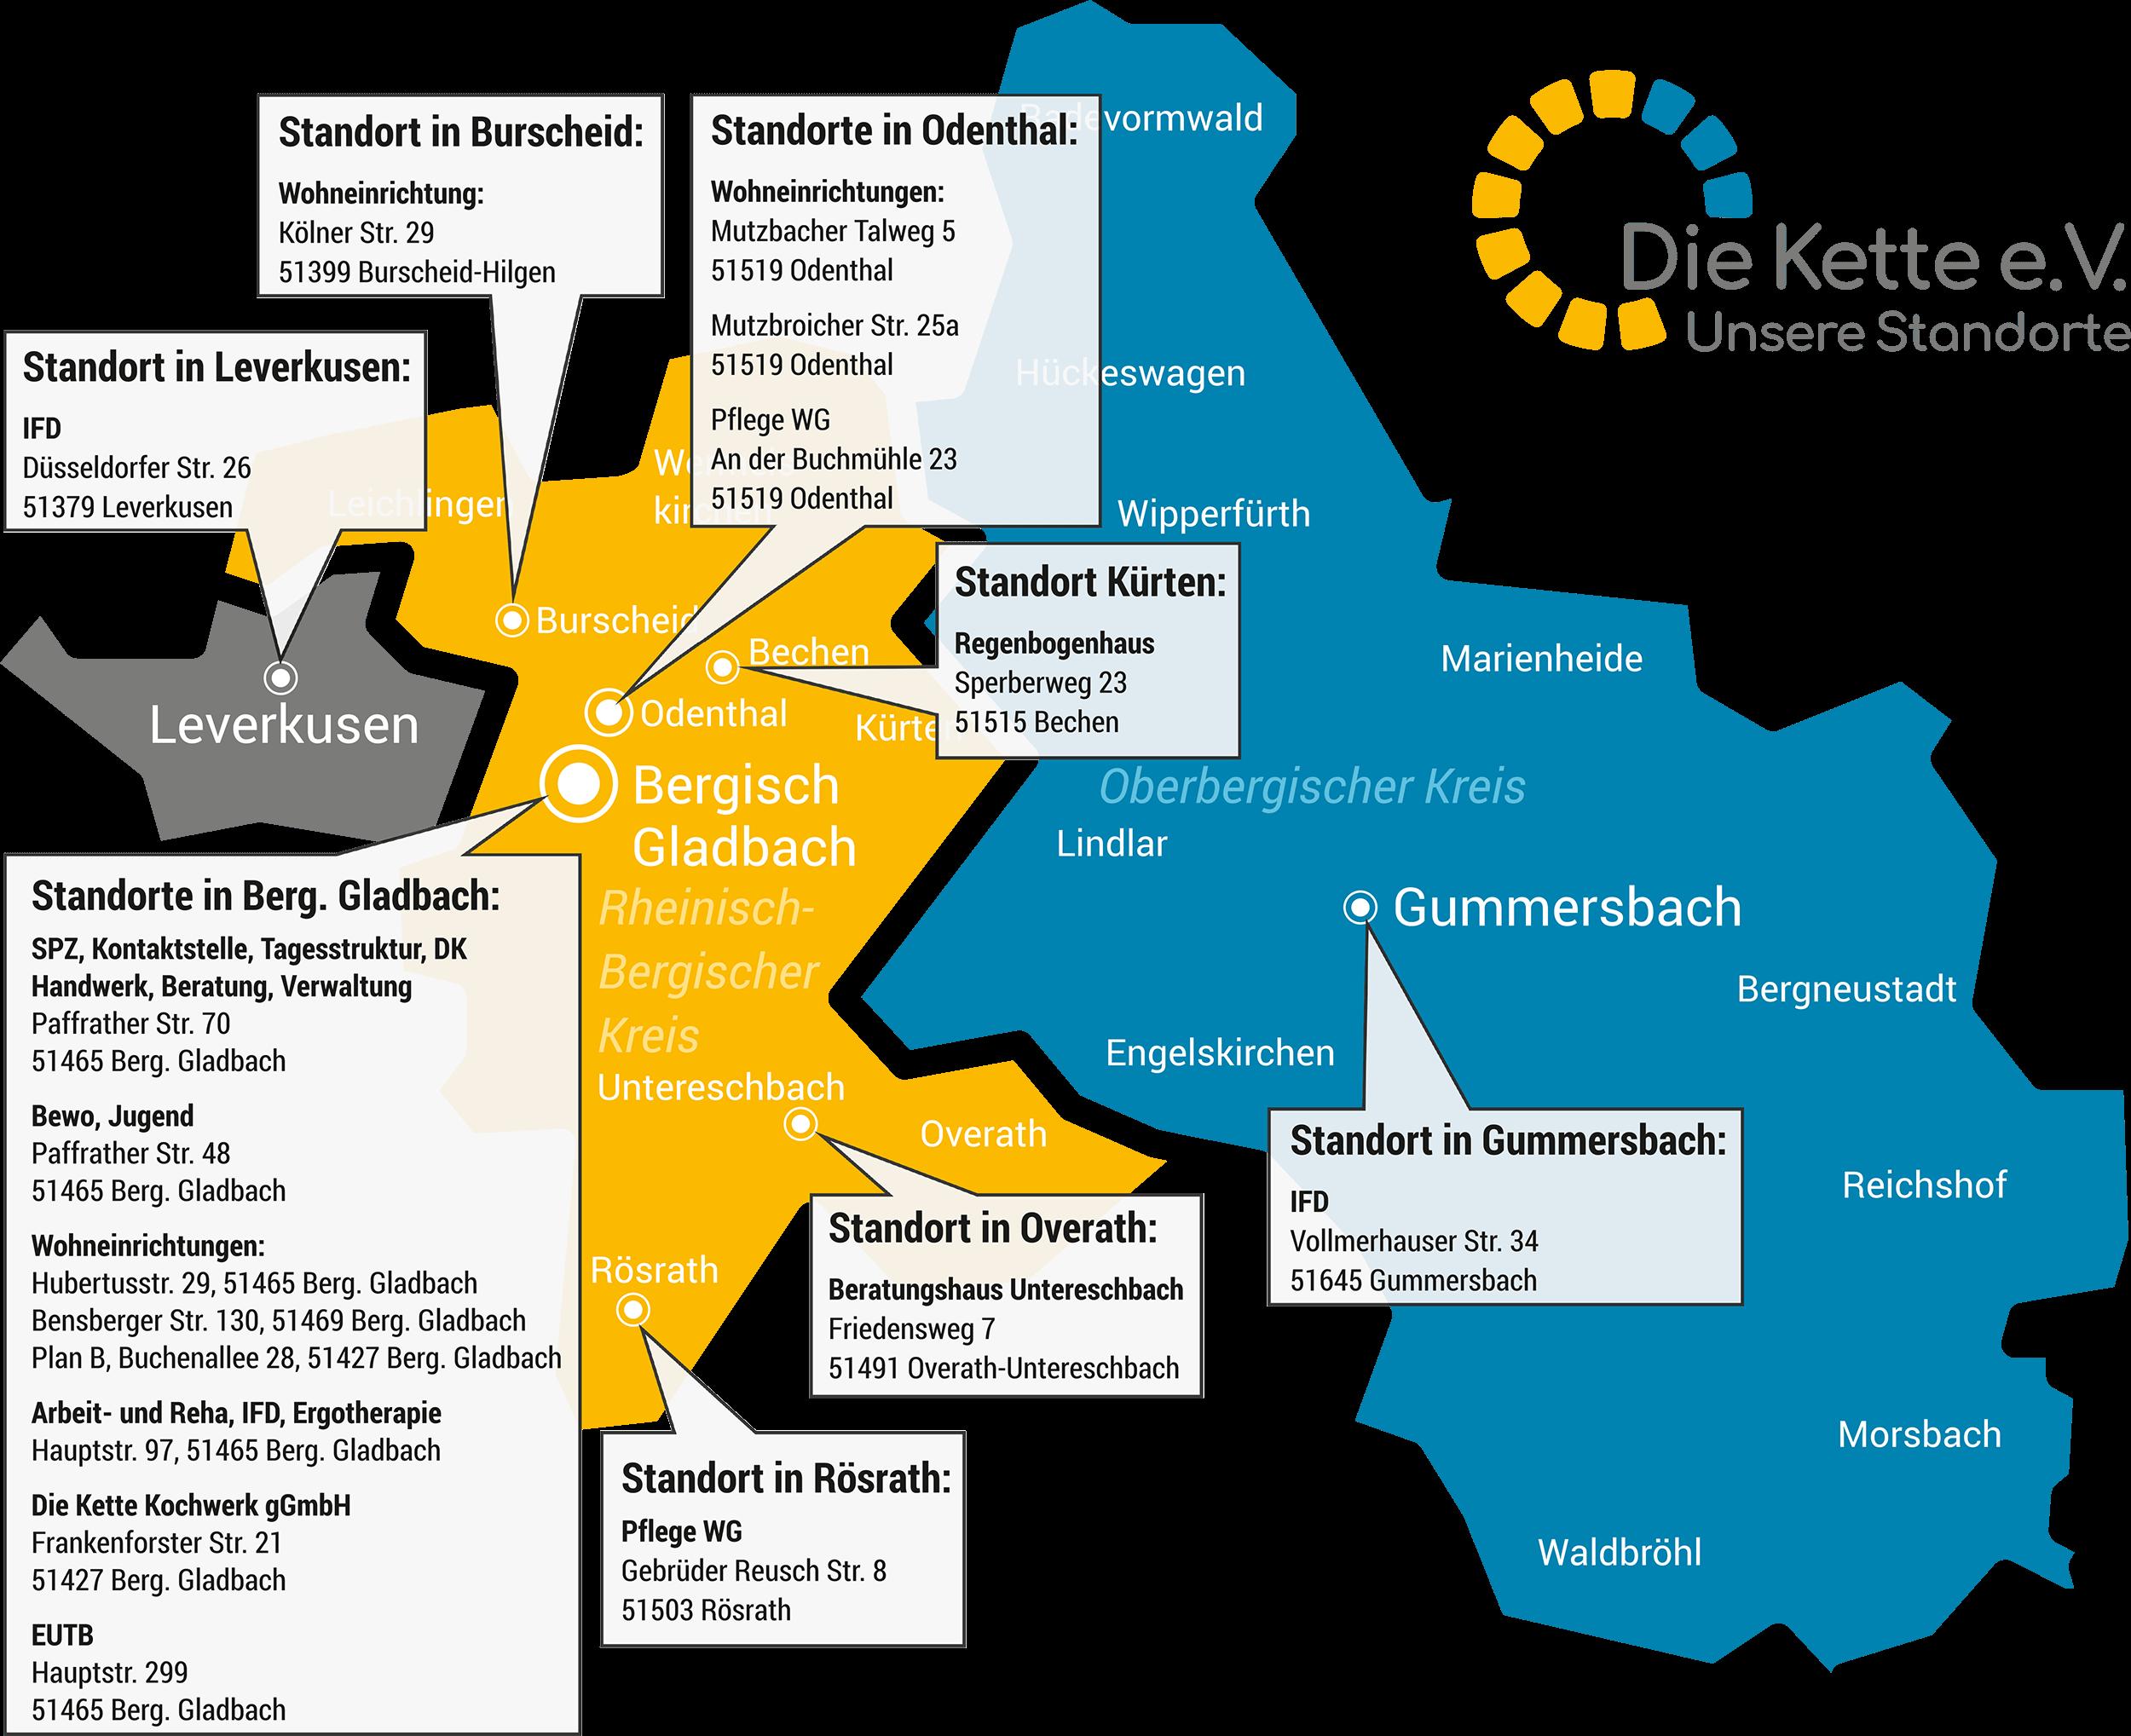 Standorte der Einrichtungen der Kette als Übersicht